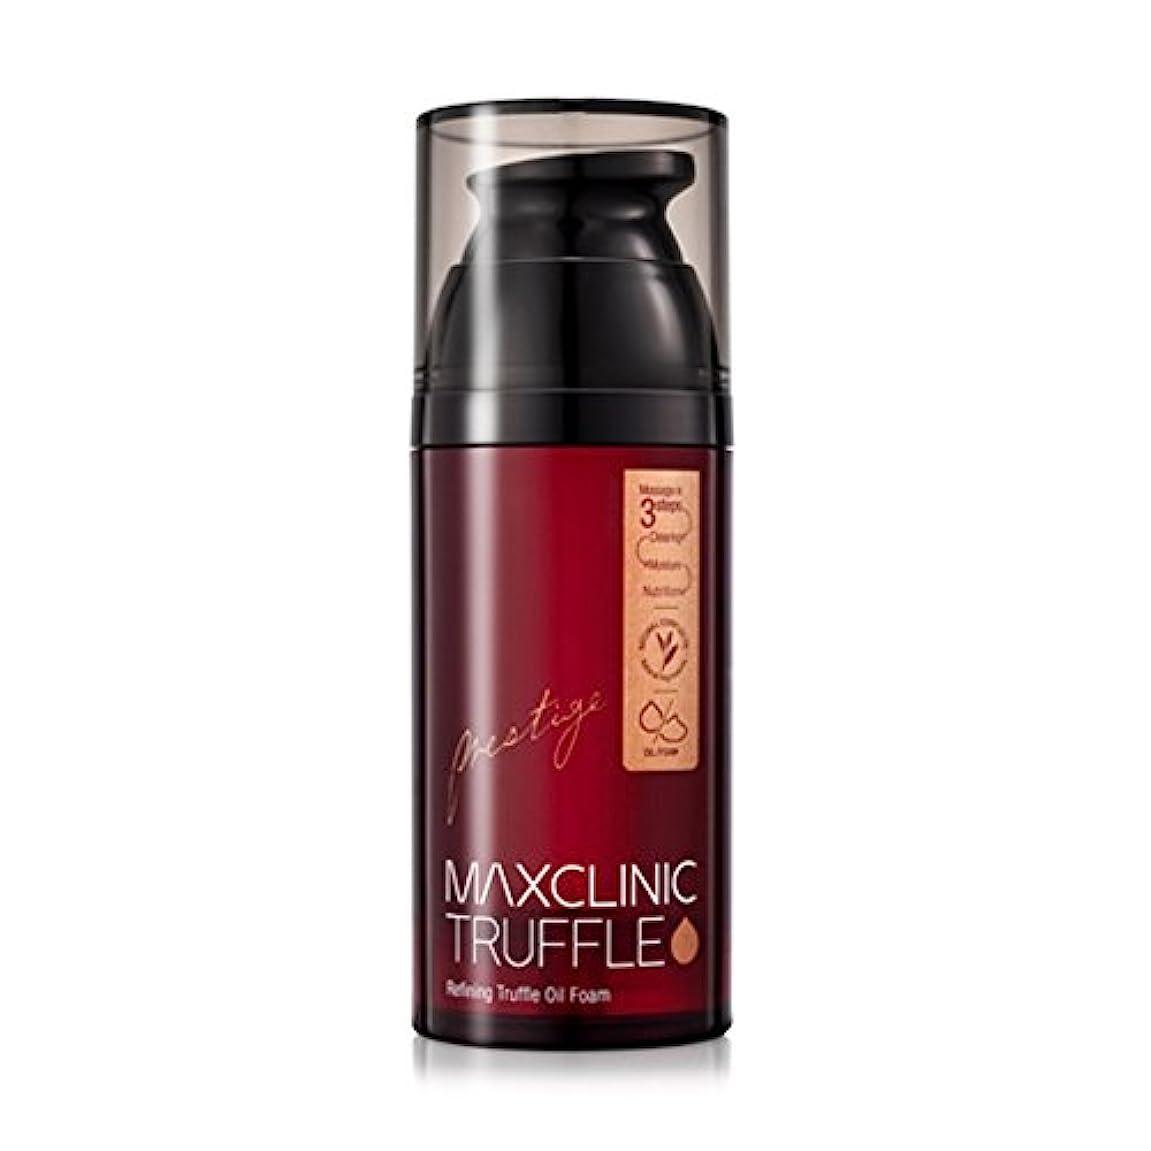 神経炭水化物平凡MAXCLINIC Refining Truffle Spa Oil Cleanser 110g/マックスクリニック リファイニング トリュフ スパ オイル クレンザー 110g